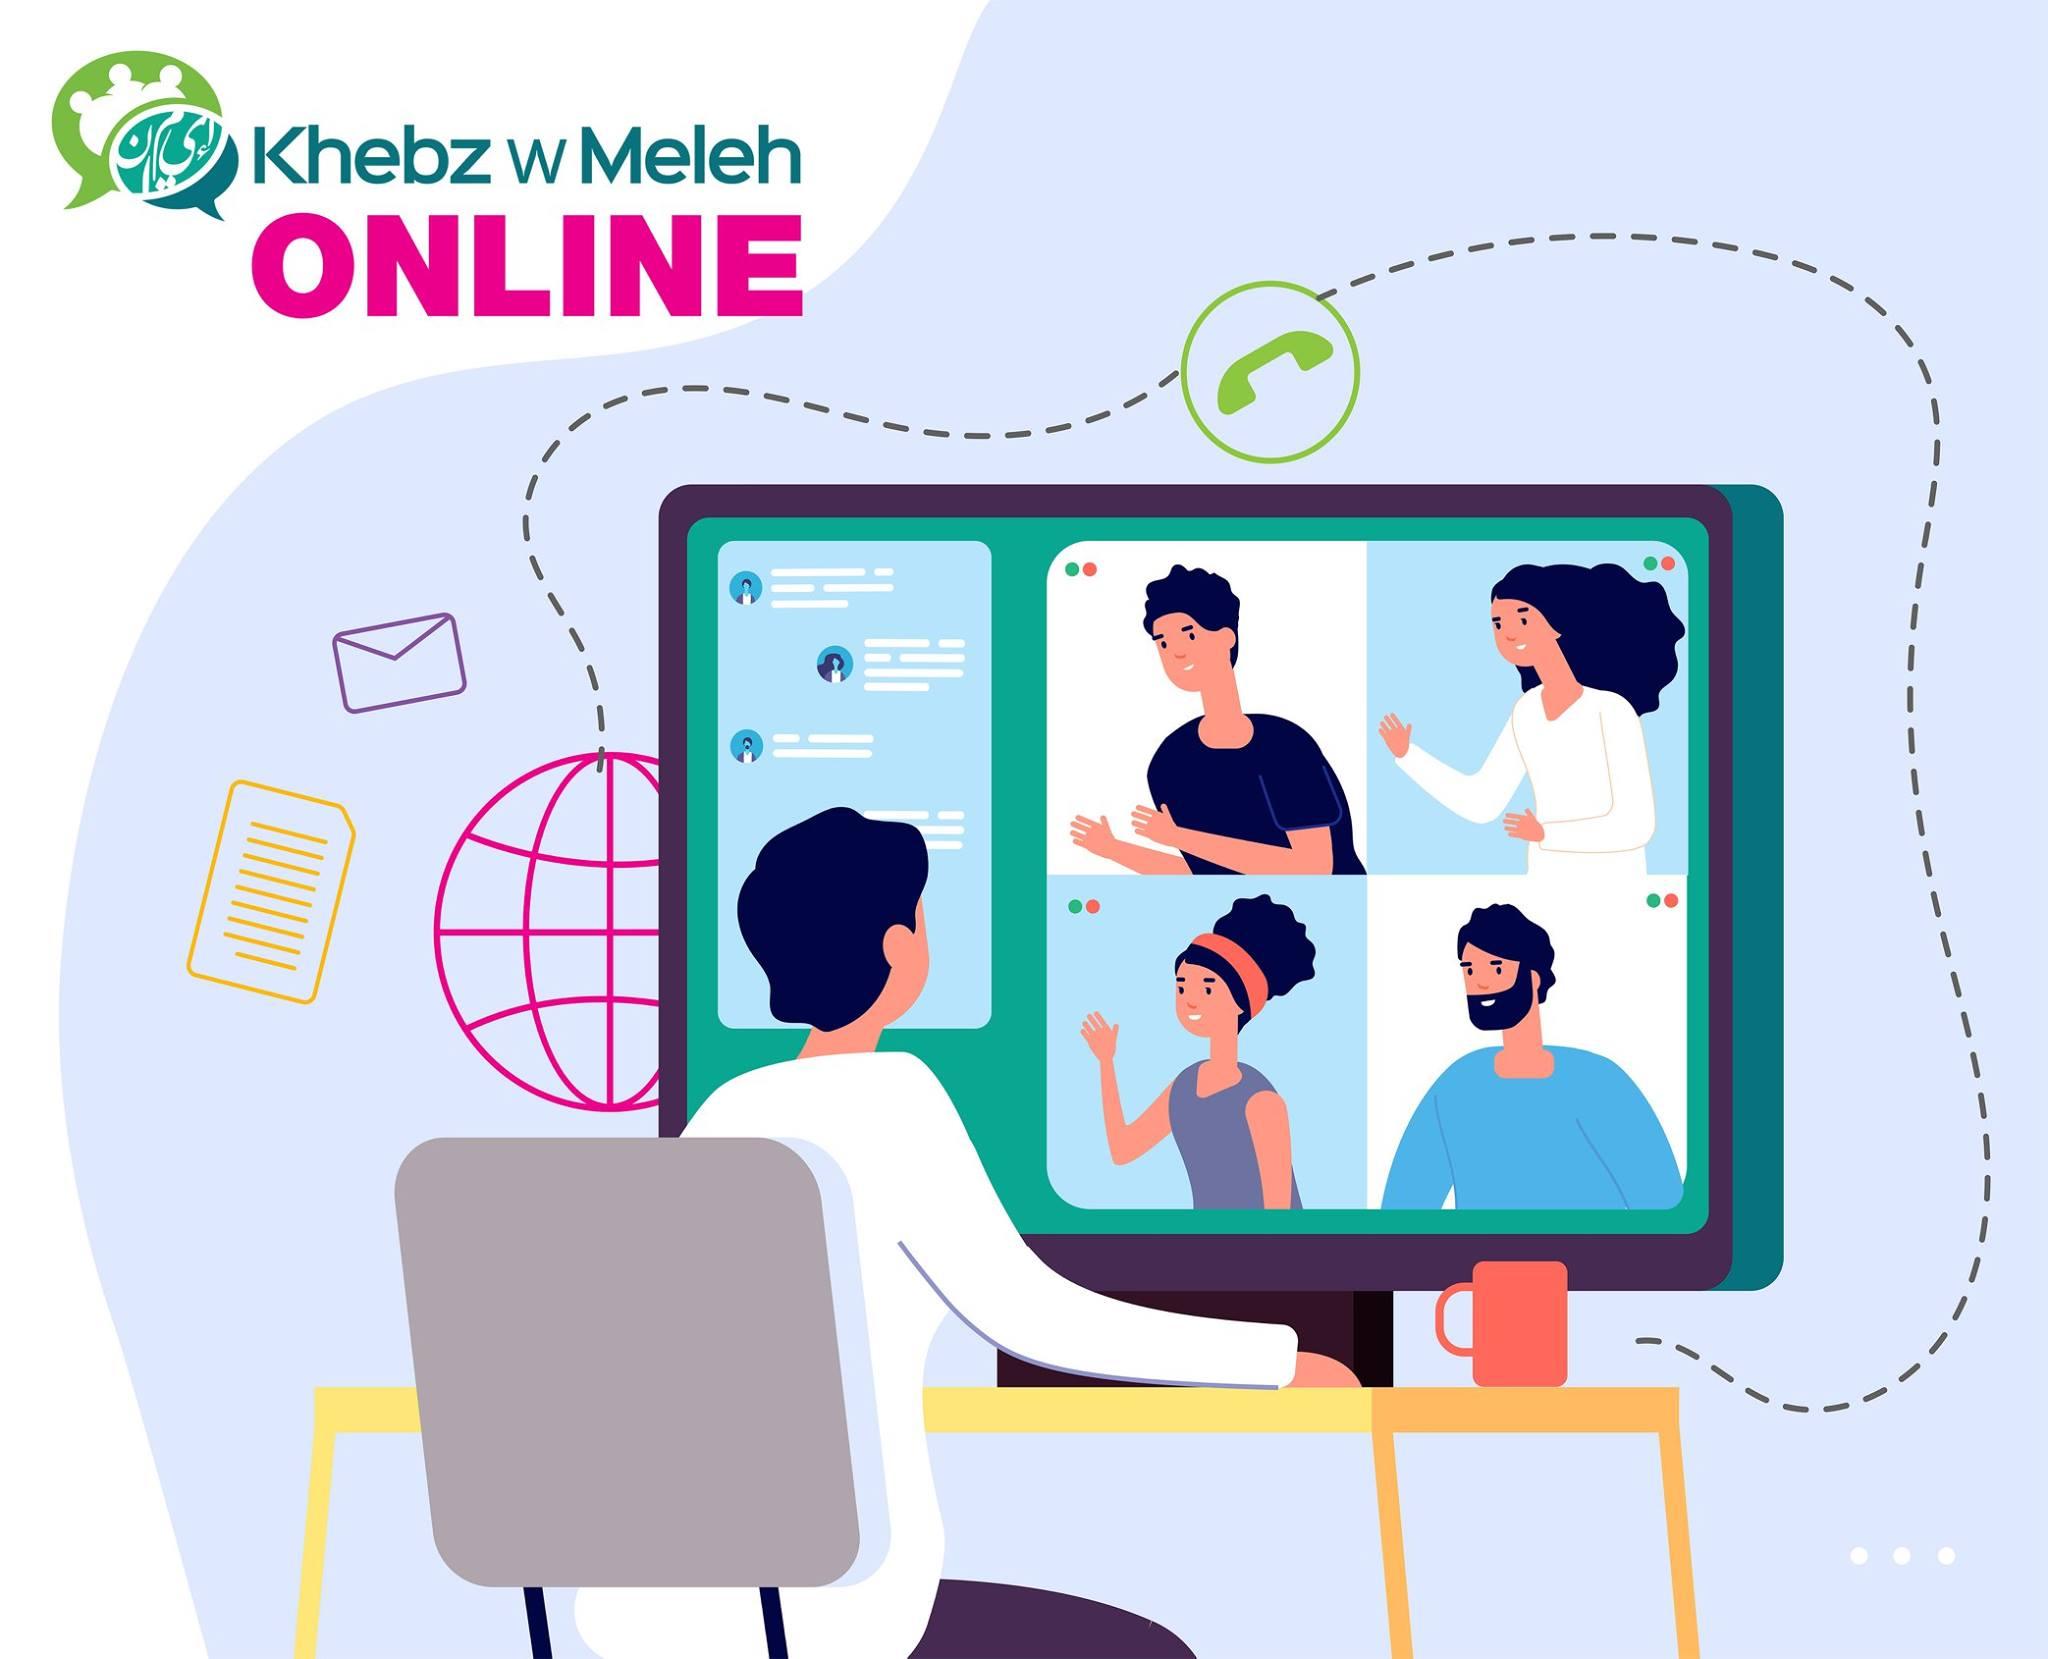 Khebz w Meleh Online